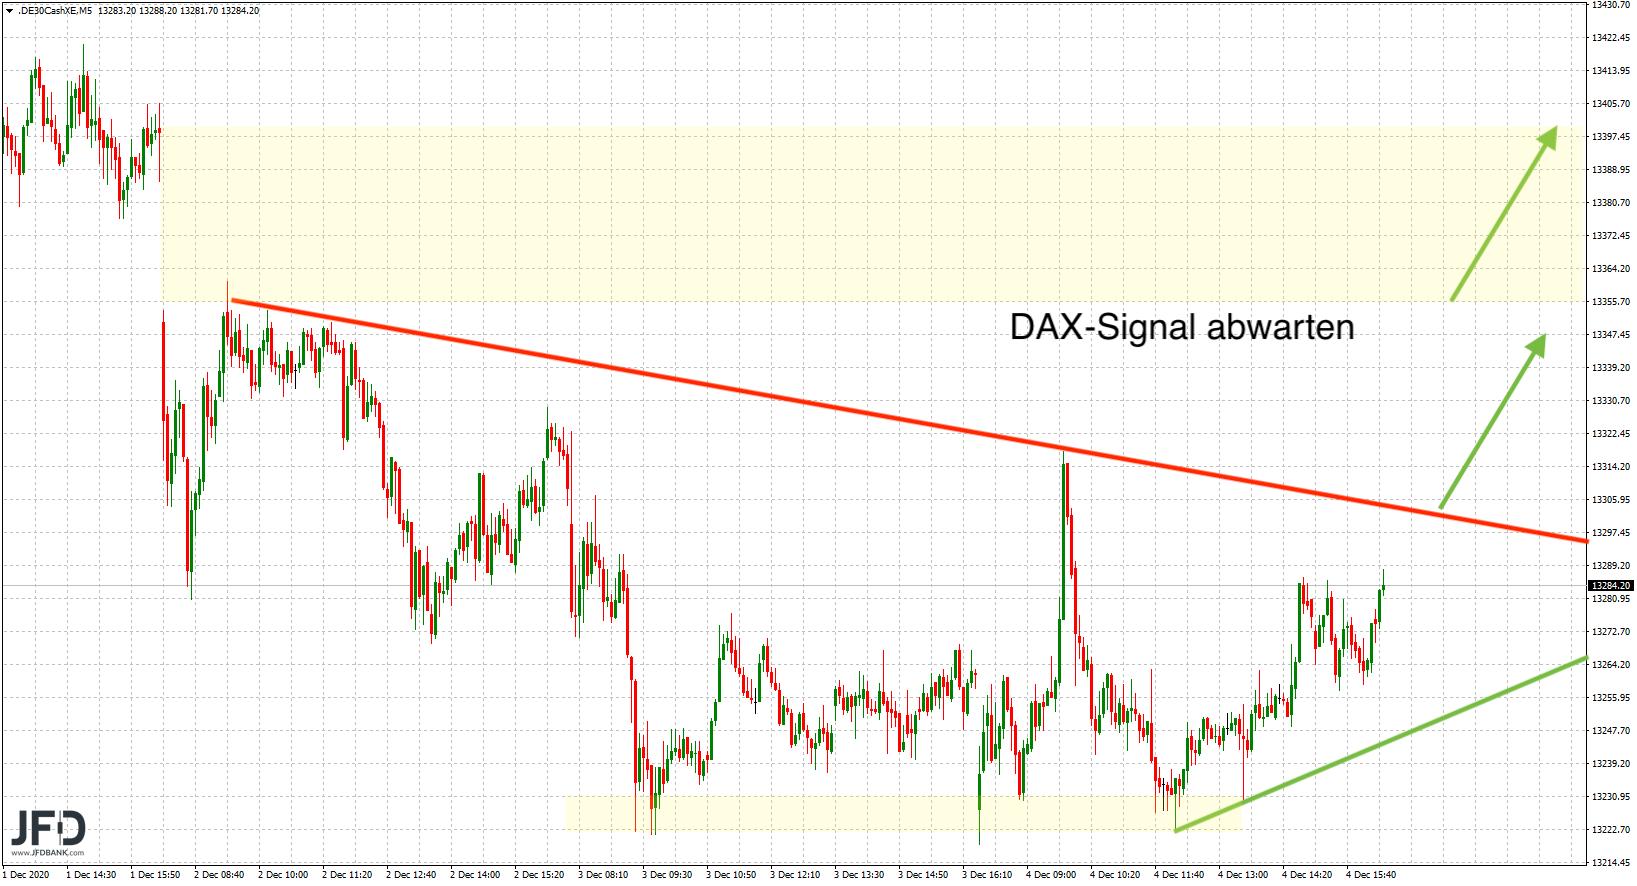 DAX-Signale für neue Woche